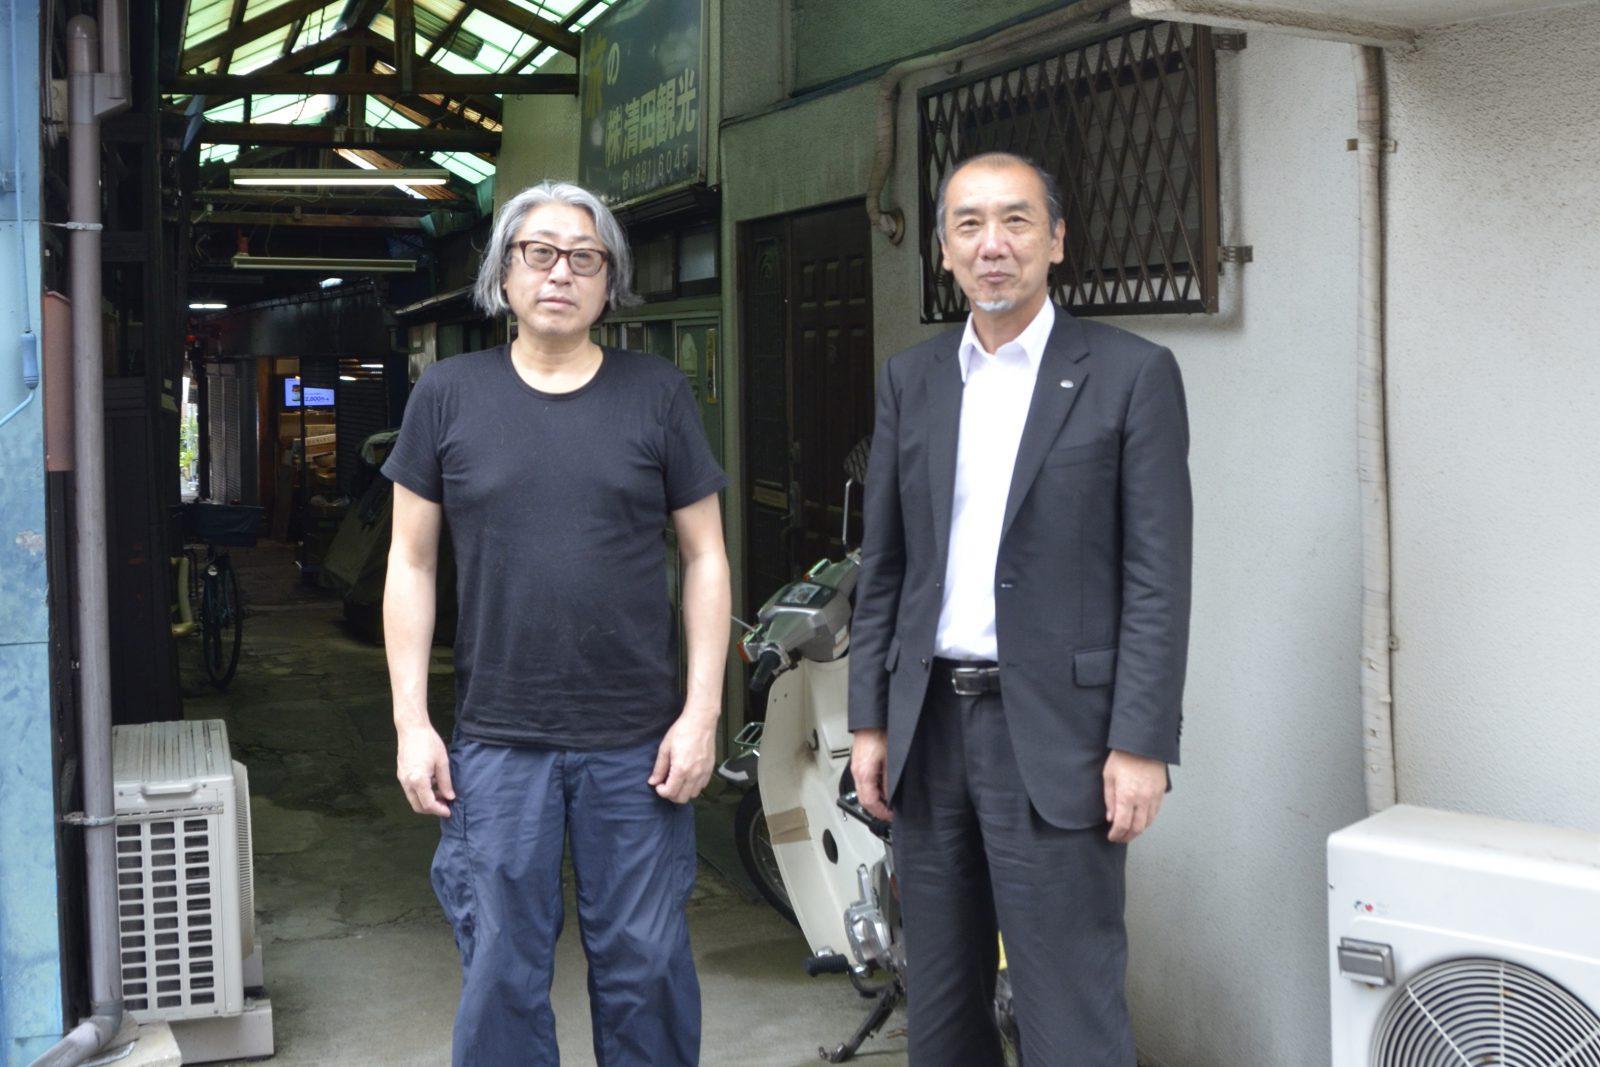 のんきにお散歩を楽しめる 昭和の風情が残る商店街